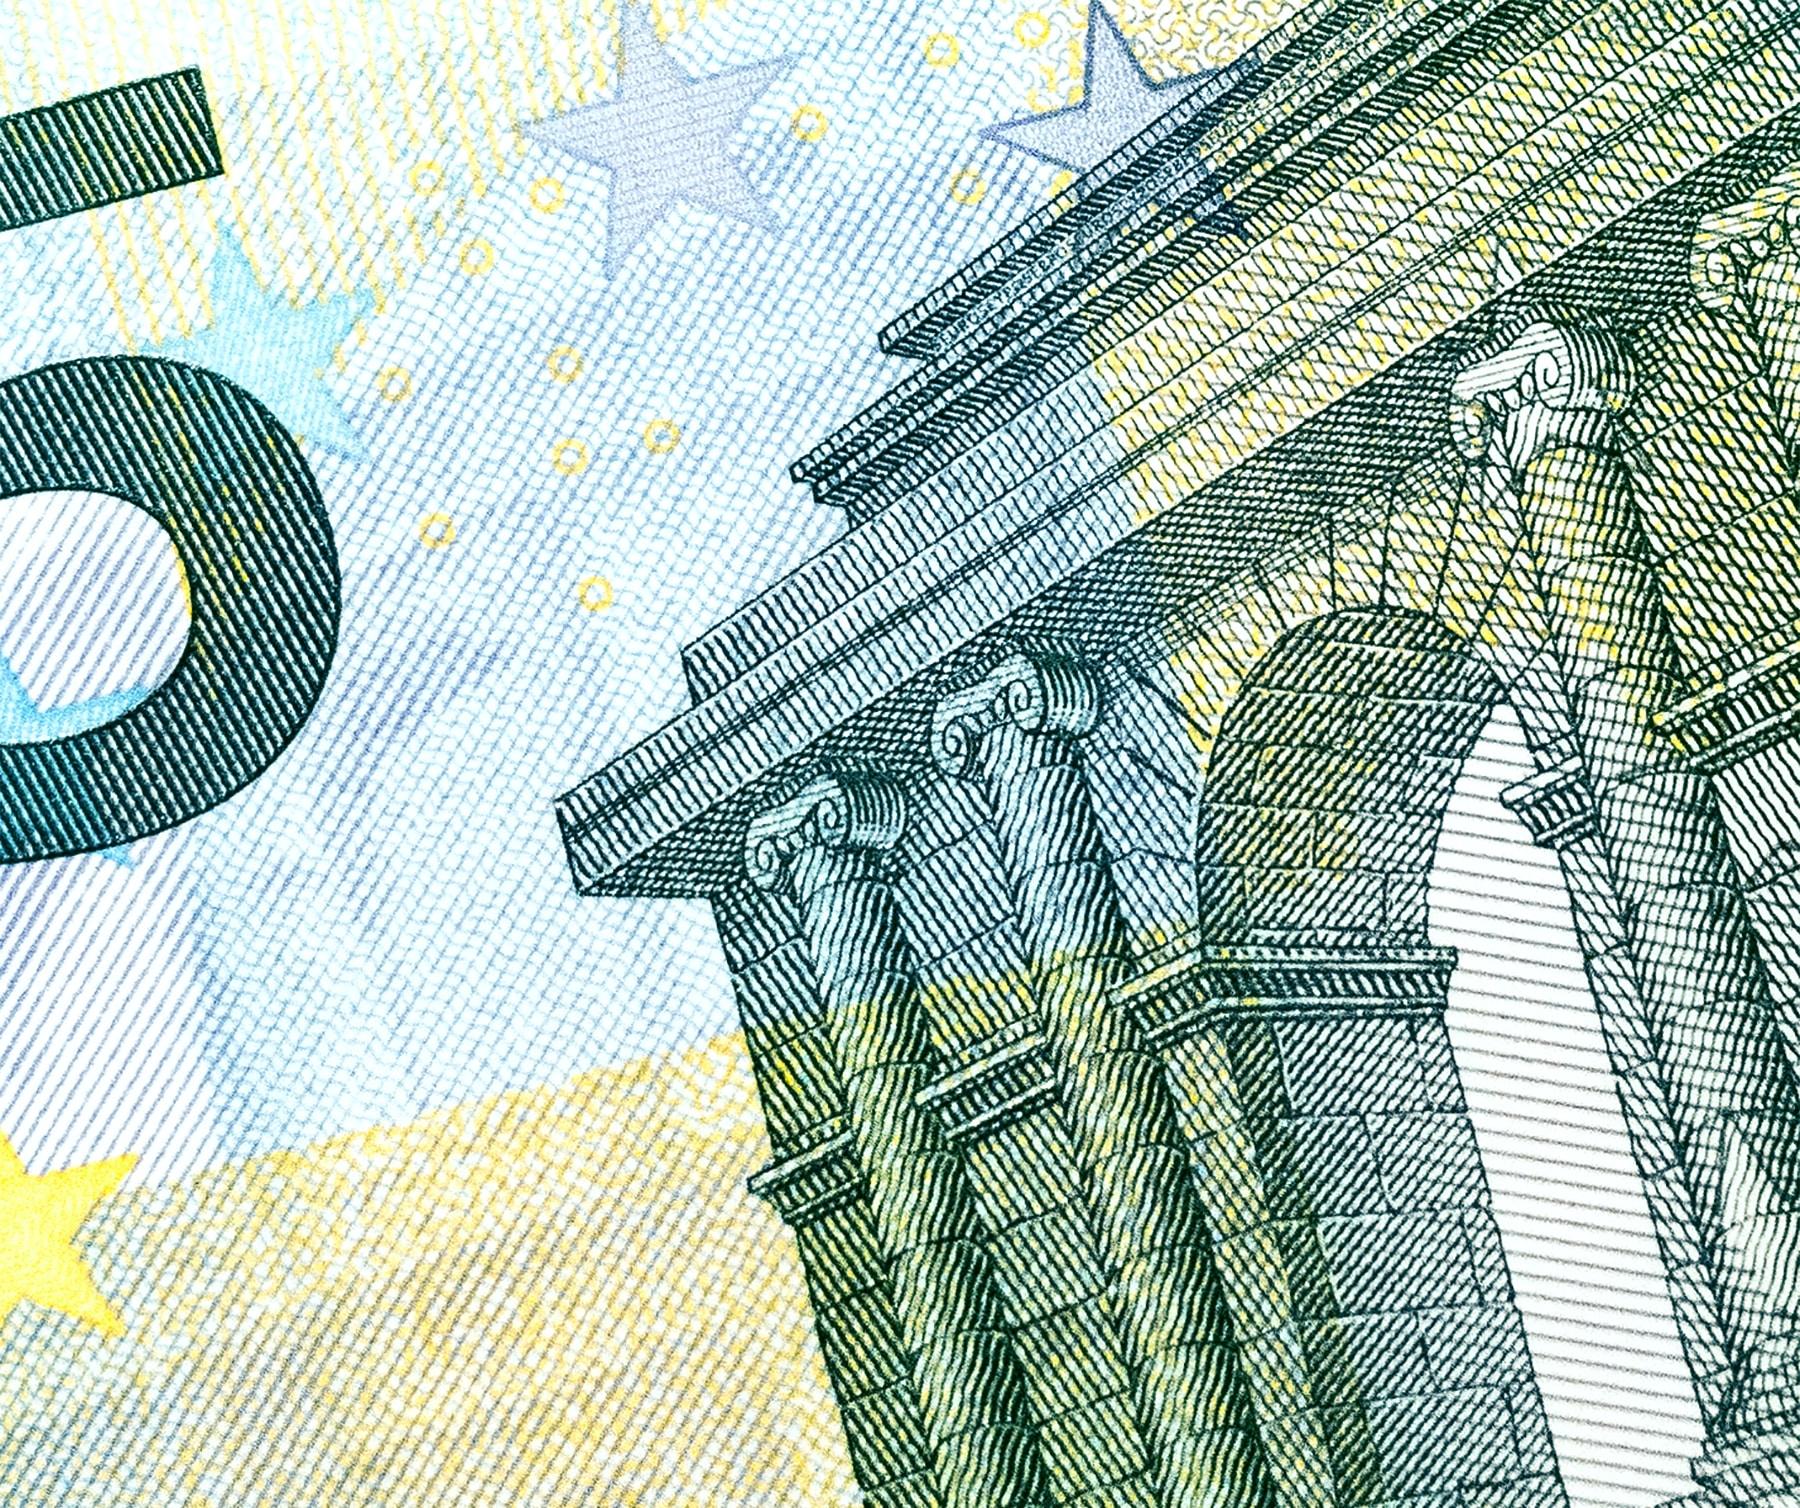 Rezerwy na pokrycie kredytów zagrożonych